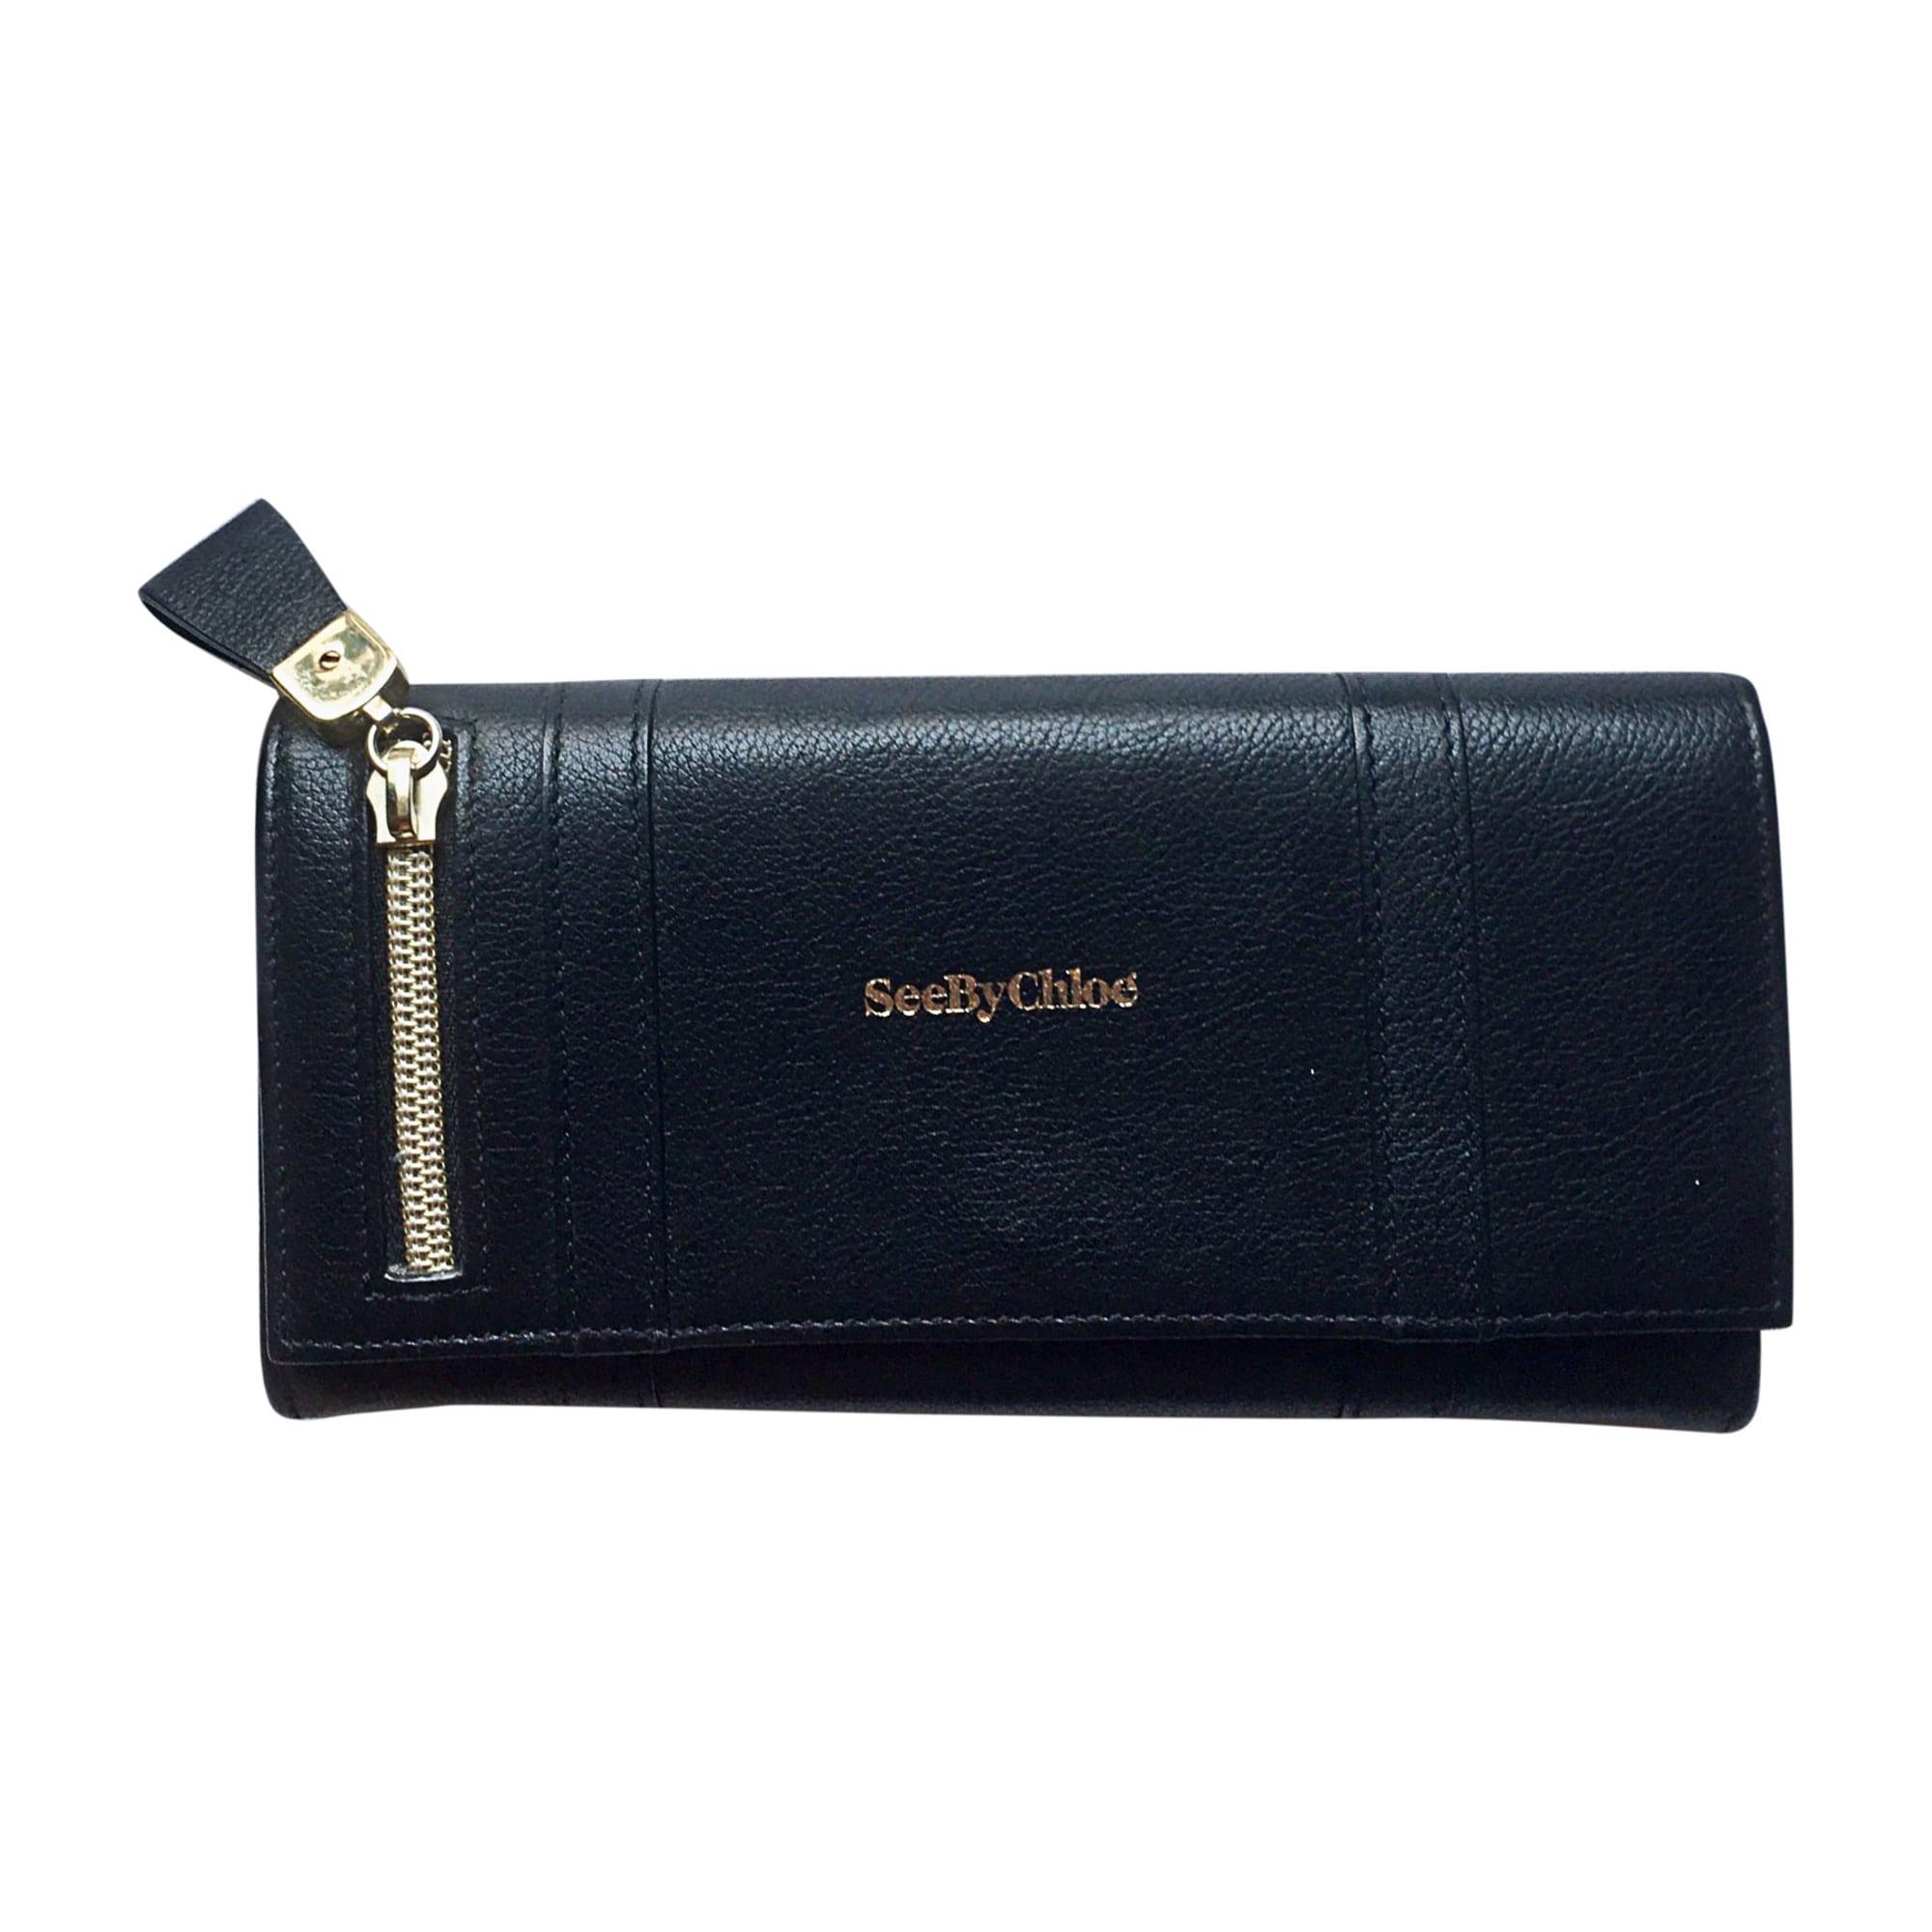 Portefeuille SEE BY CHLOE noir vendu par Clarisse 688 - 7870933 b5455e2f502